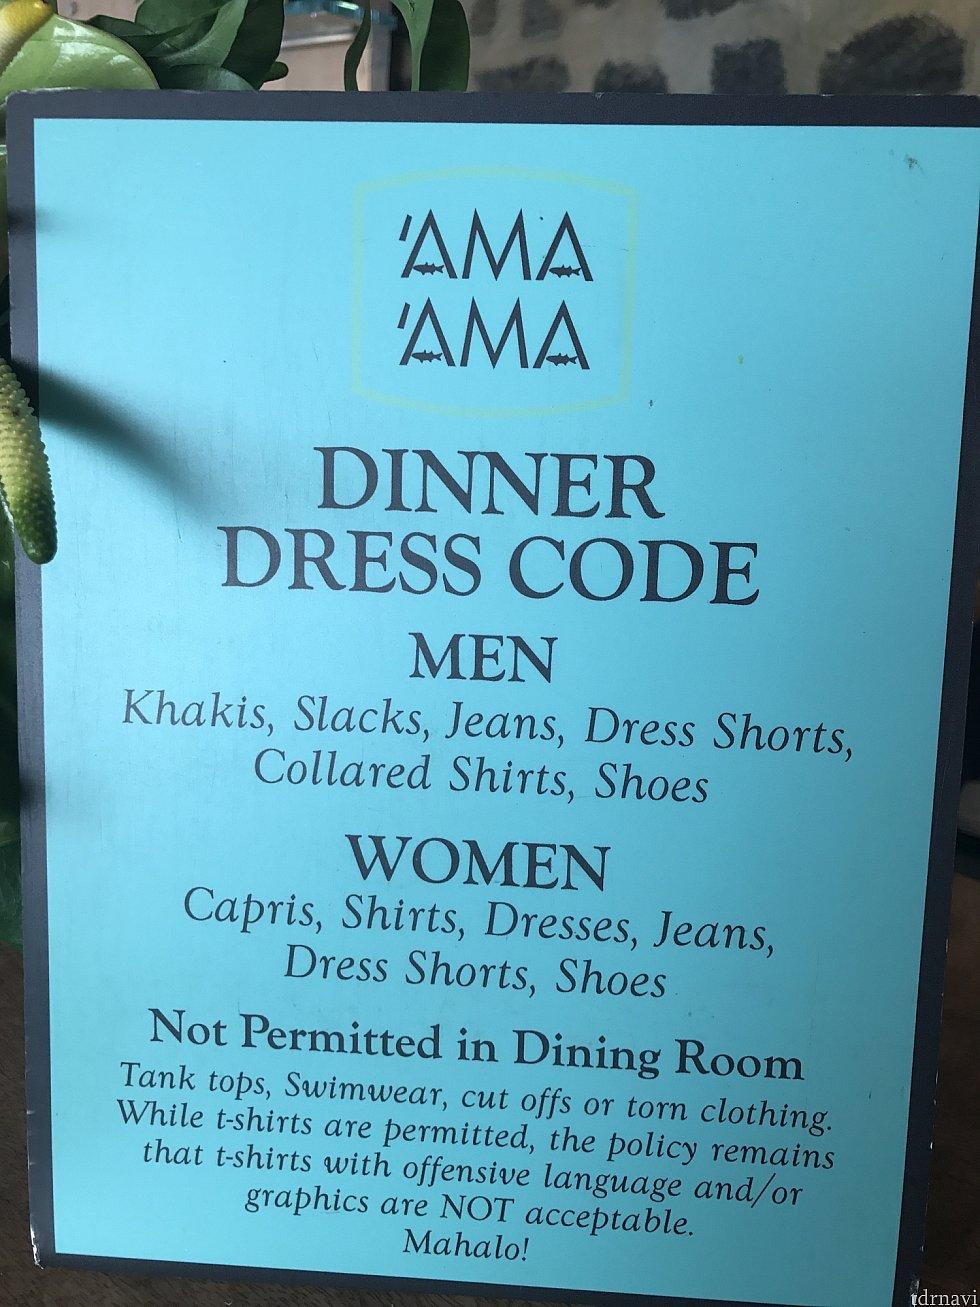 ドレスコード注意書き